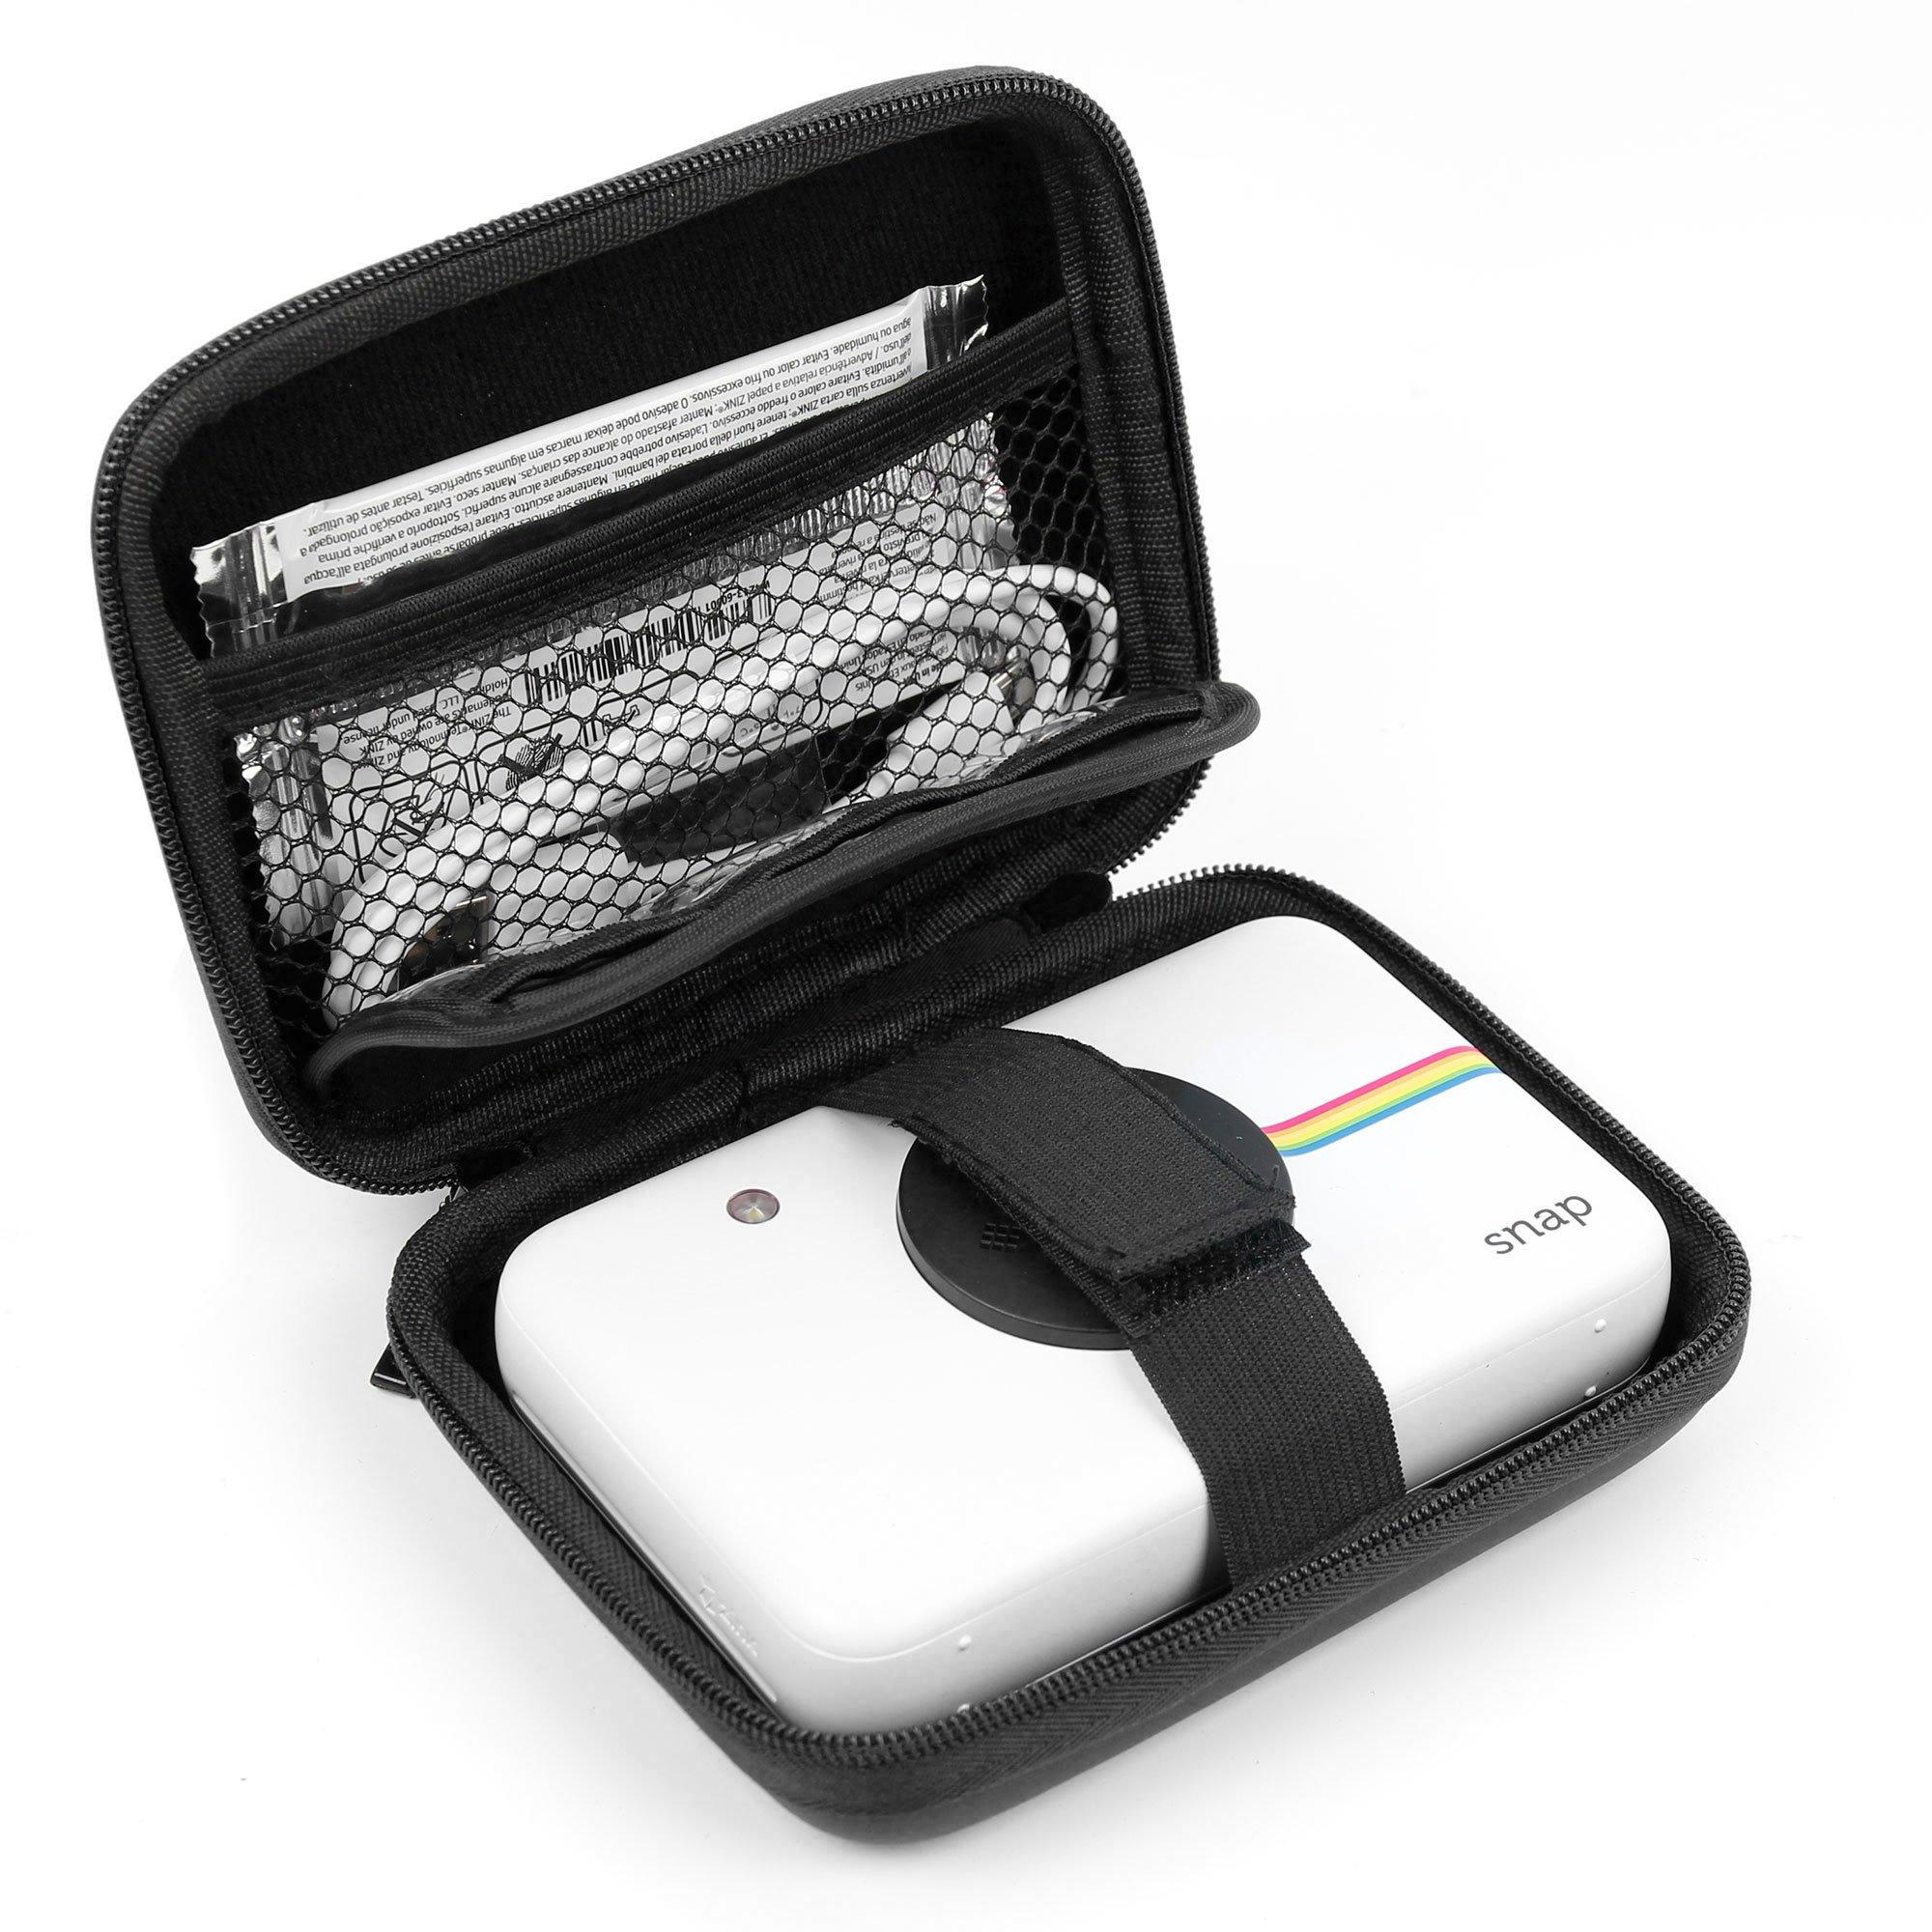 Estuche | Funda para Polaroid Snap Touch | Snap – Con pequeño mosquetón + Compartimento interior – Durgadget: Amazon.es: Electrónica